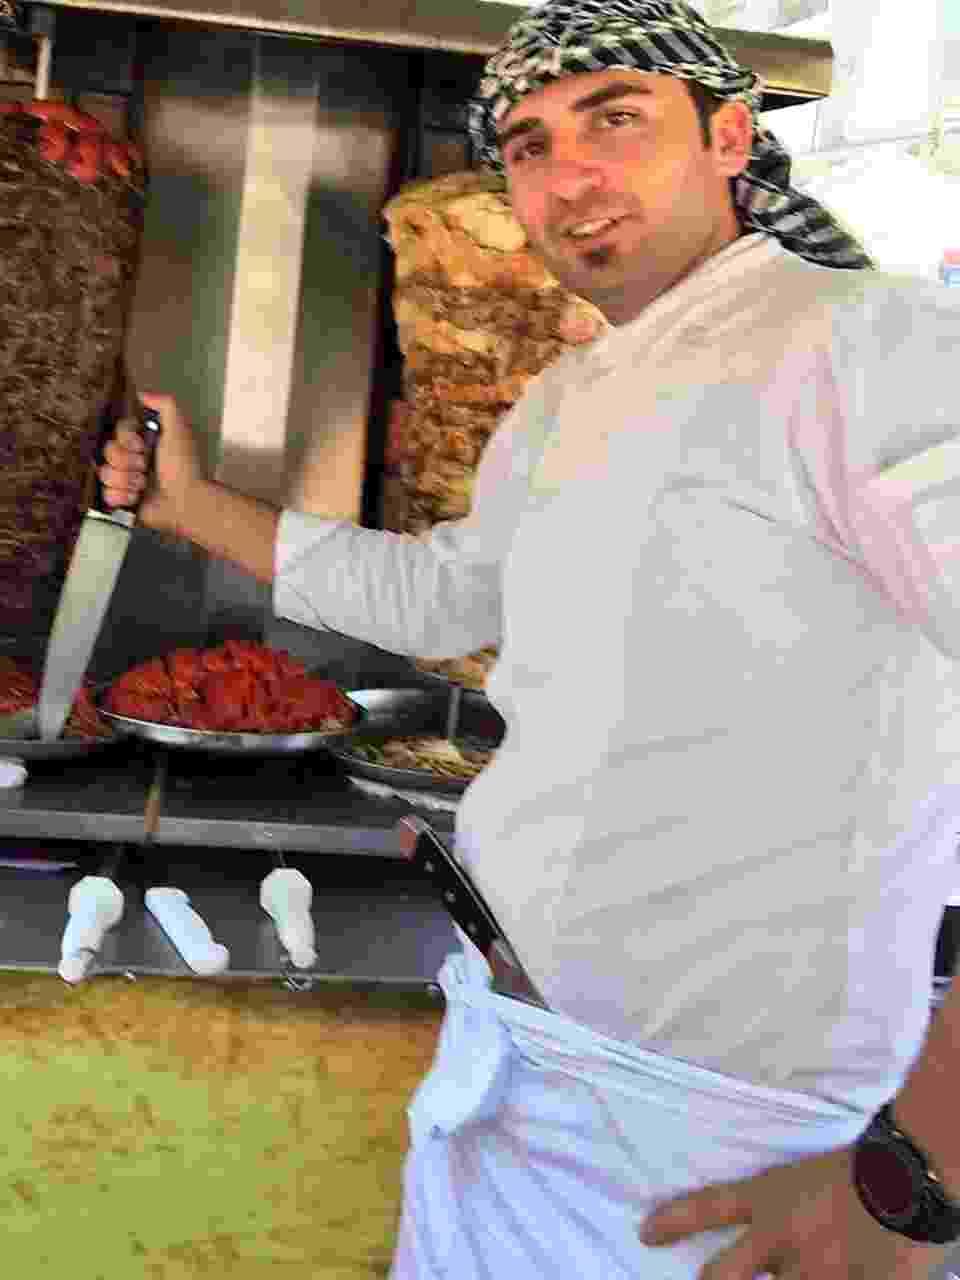 Refugiado sírio Eyad Abuharb abre restaurante New Shawarma em São Paulo - Divulgação